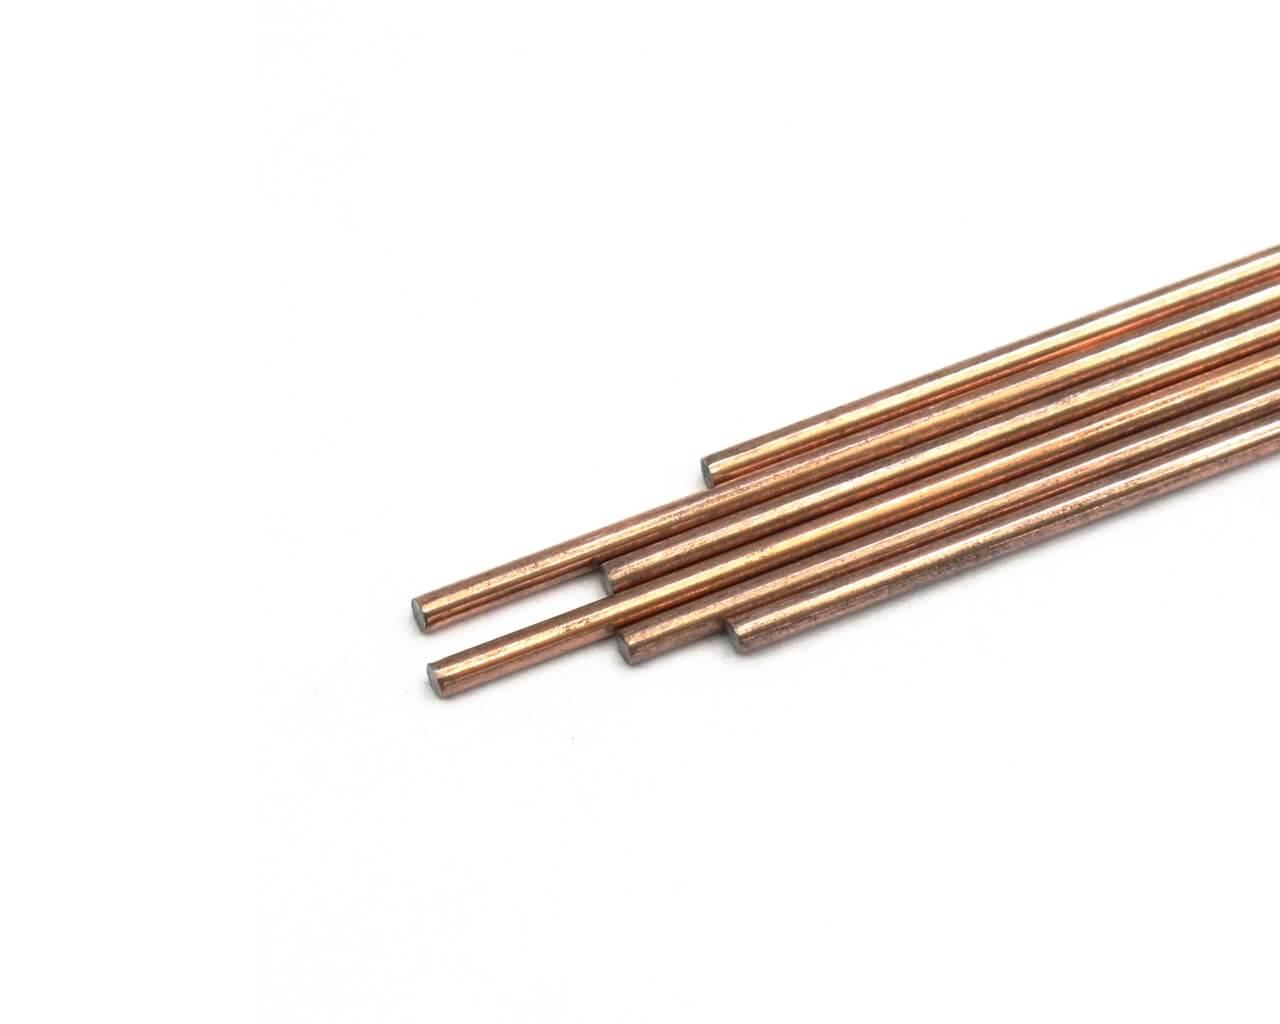 WIG-Schweißstäbe 1.5125 SG 2 1.6x1000mm / 10kg-Pack